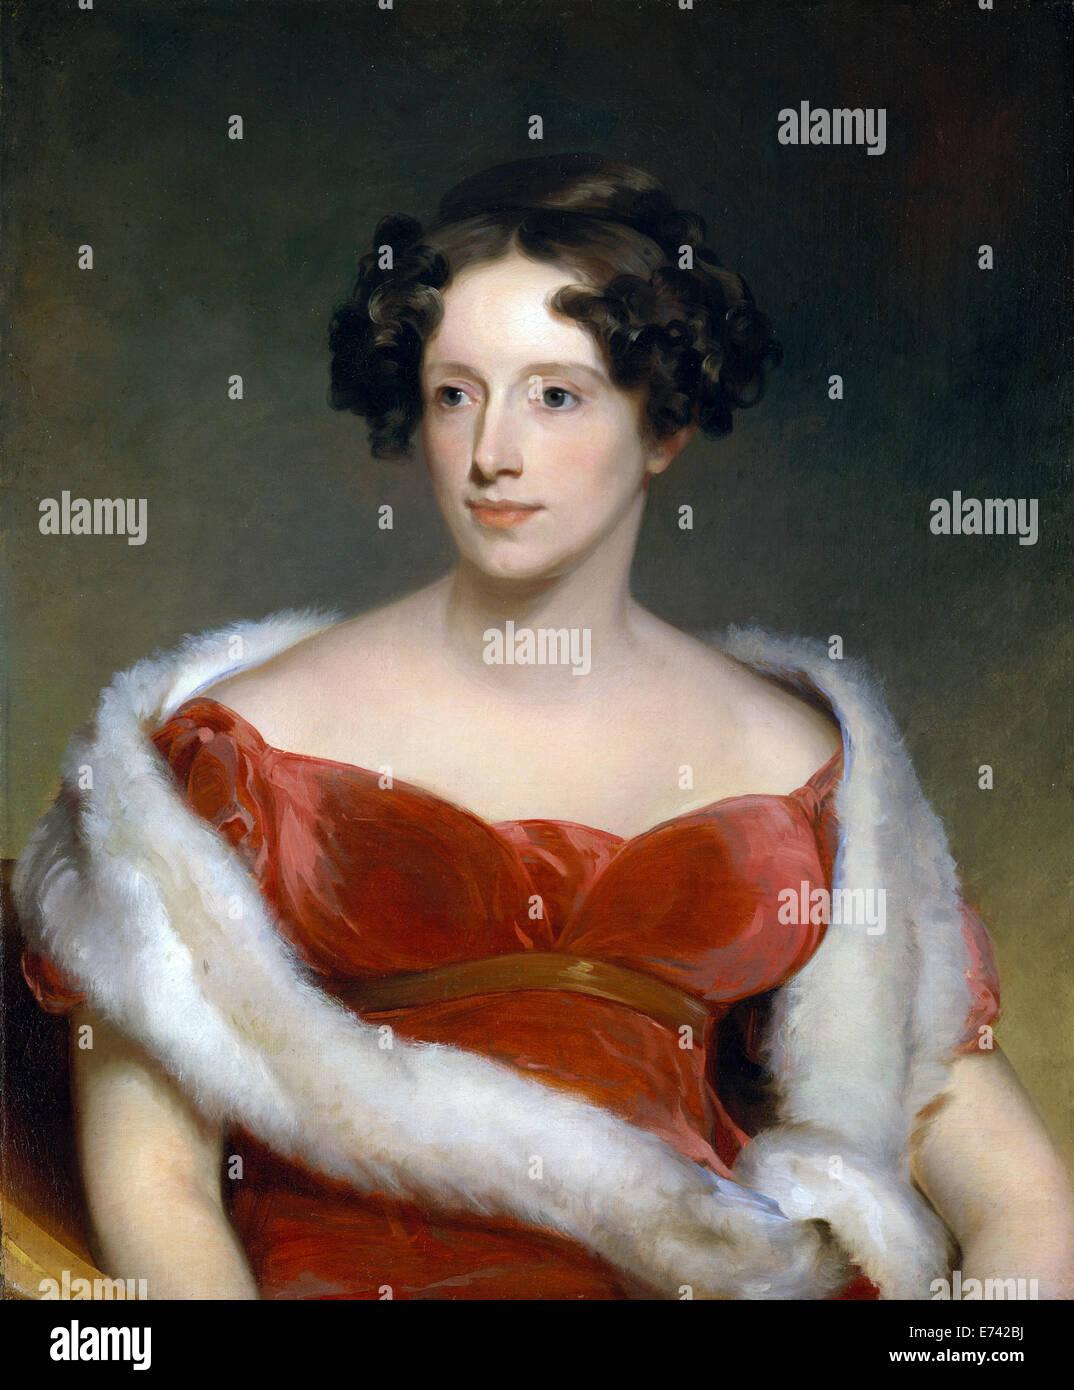 Mrs. John Biddle, Eliza Falconer Bradish - by Thomas Sully, 1818 - Stock Image